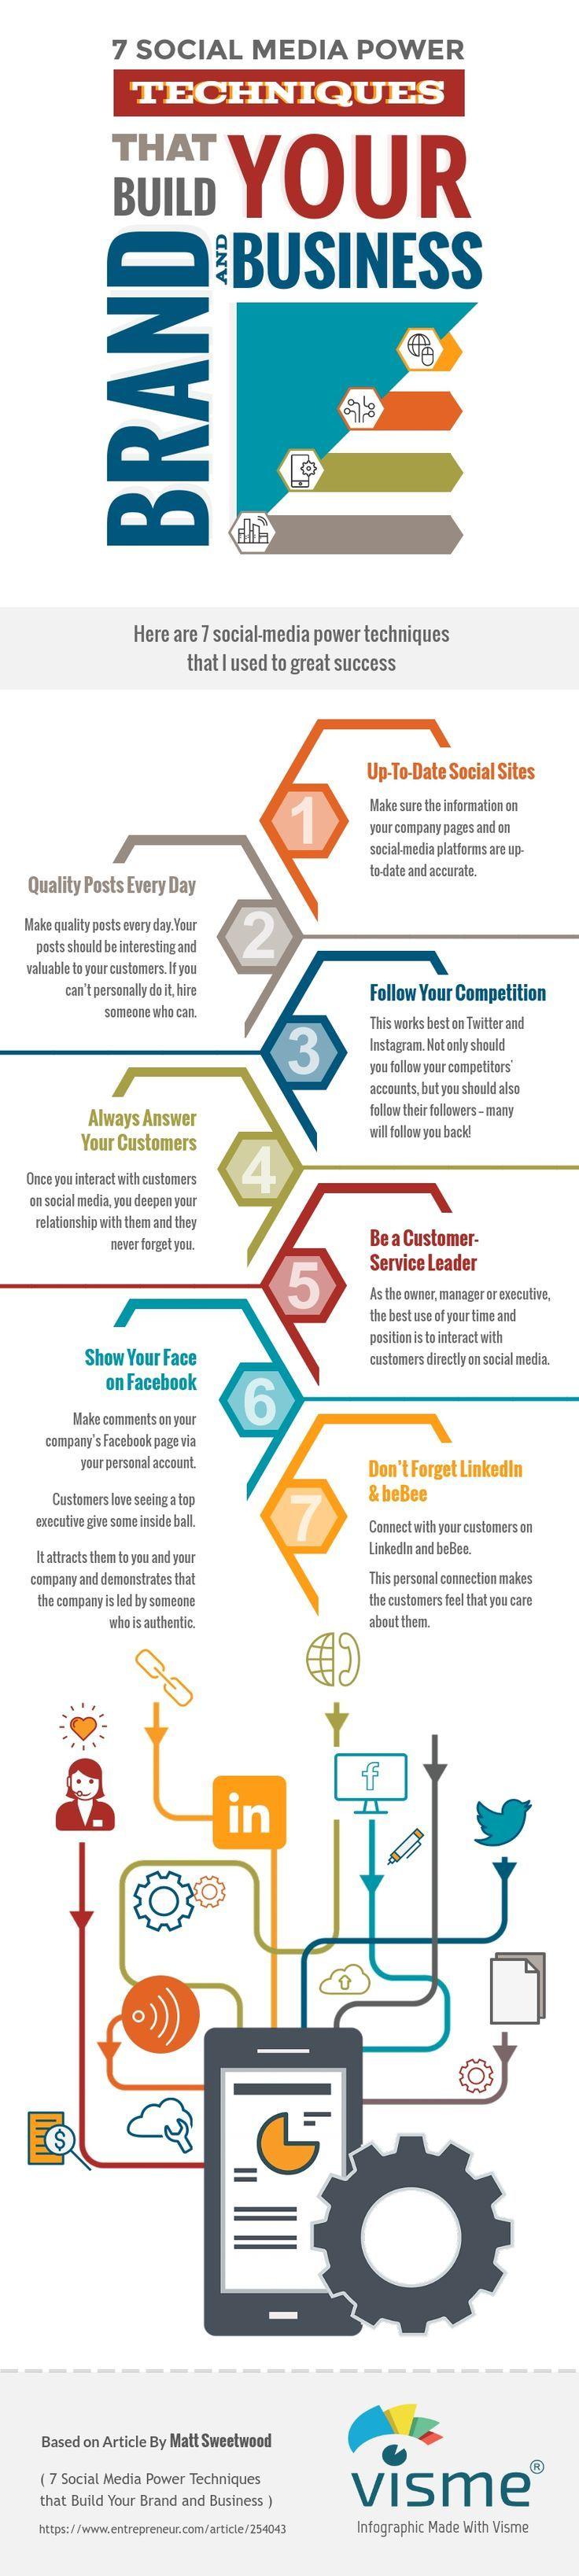 7 Social Media Power Techniques that Build Your Brand and Business #socialmedia #reseauxsociaux